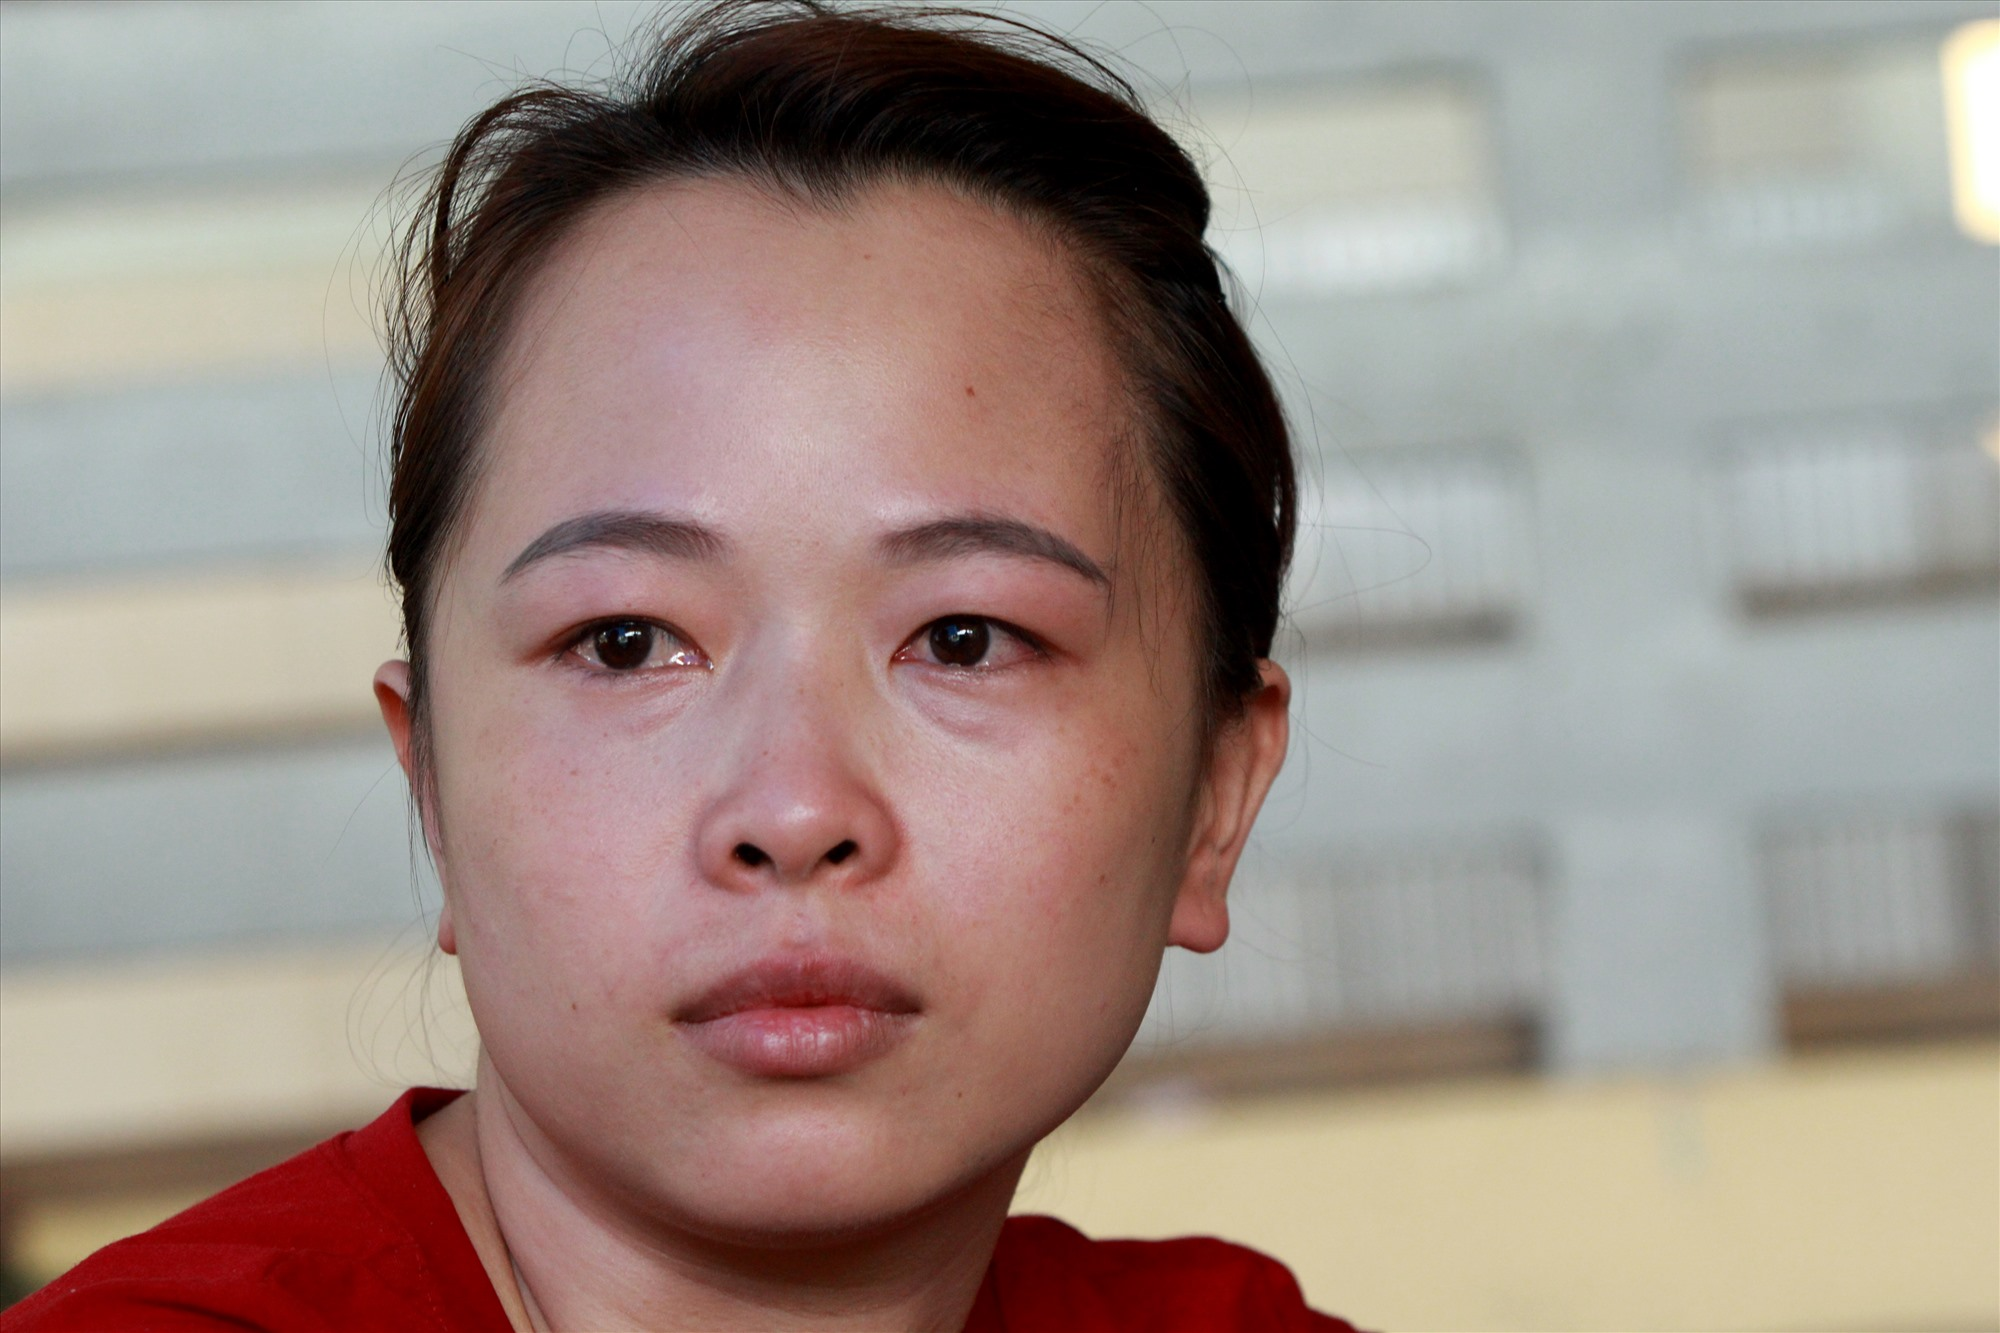 Chị Mai Ly rưng rưng nước mắt, nỗi ám ảnh quá lớn chưa thể xóa nhòa sau trận lũ quét. Ảnh: T.C